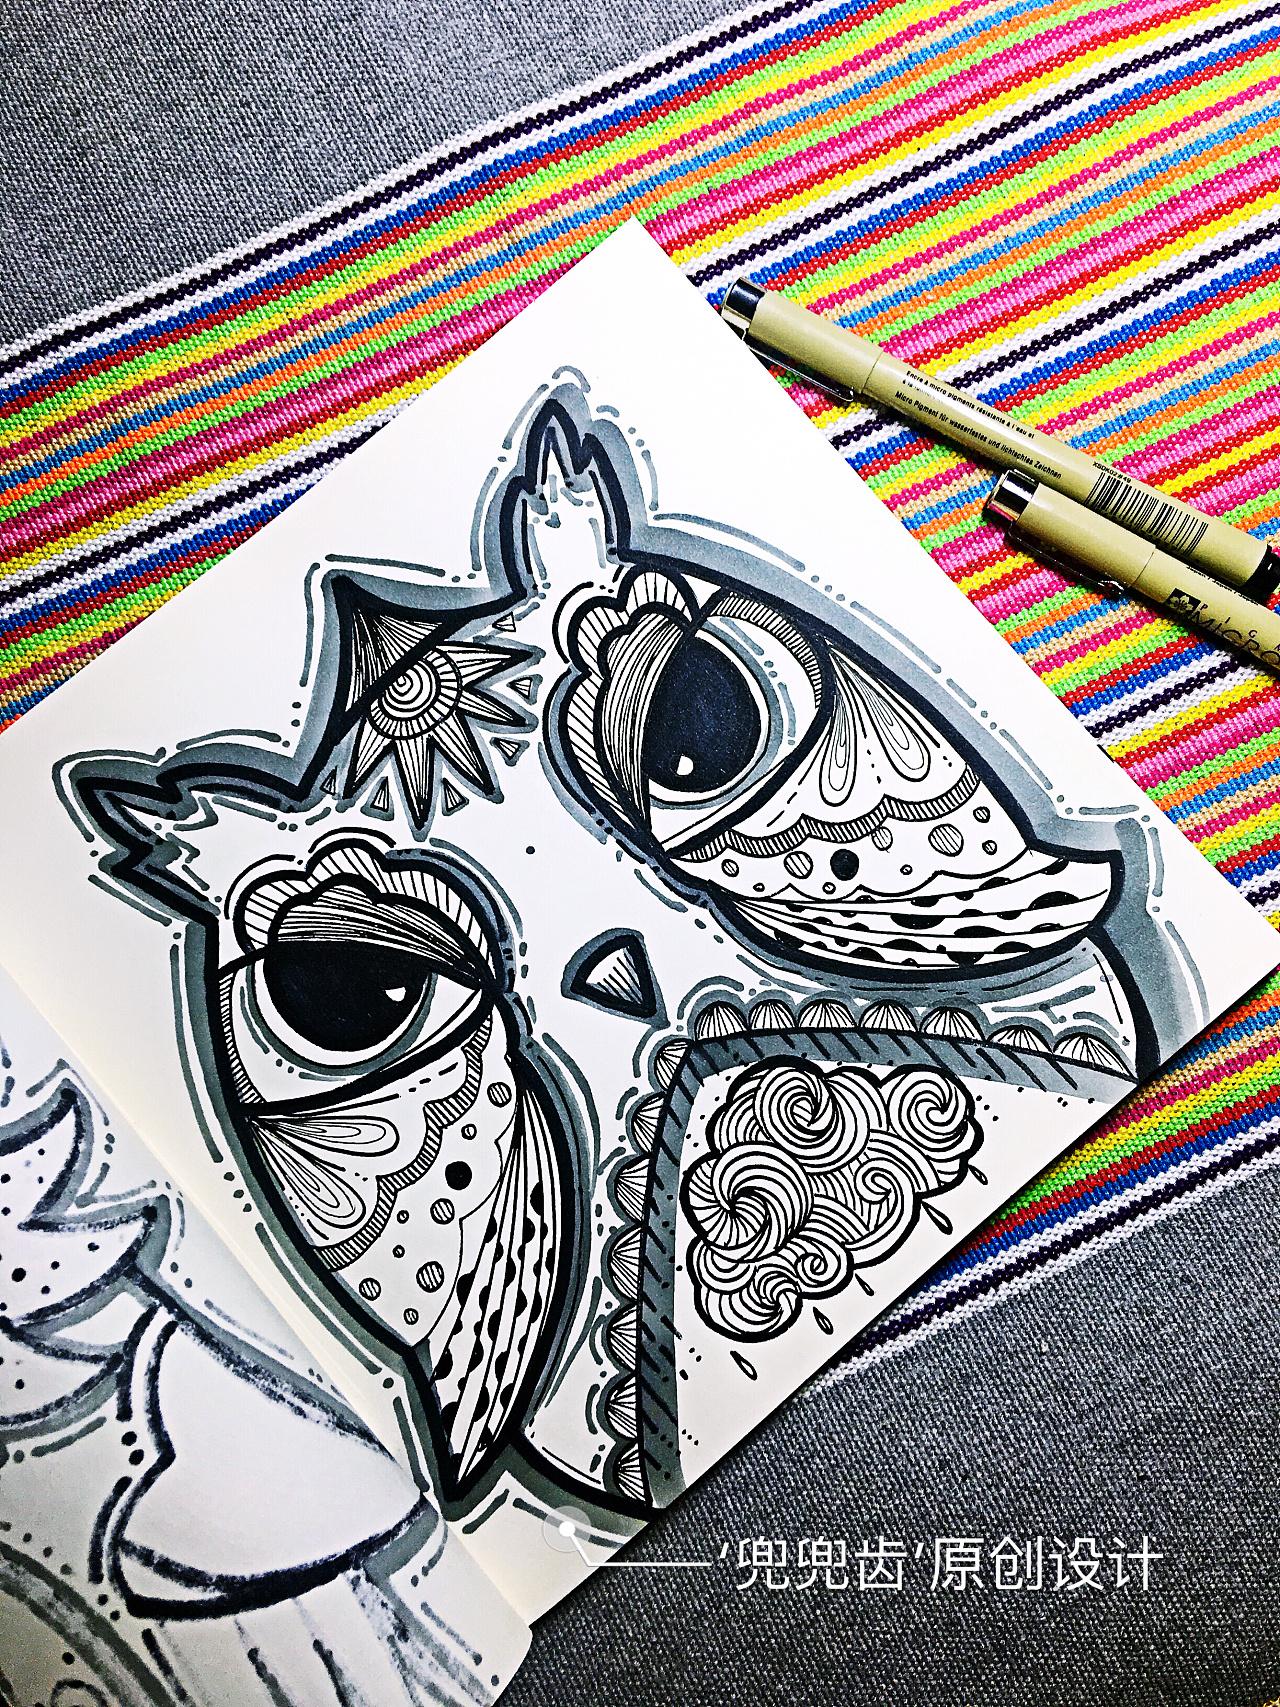 缠绕画,黑白装饰画,民族风,线描,插画,猫头鹰